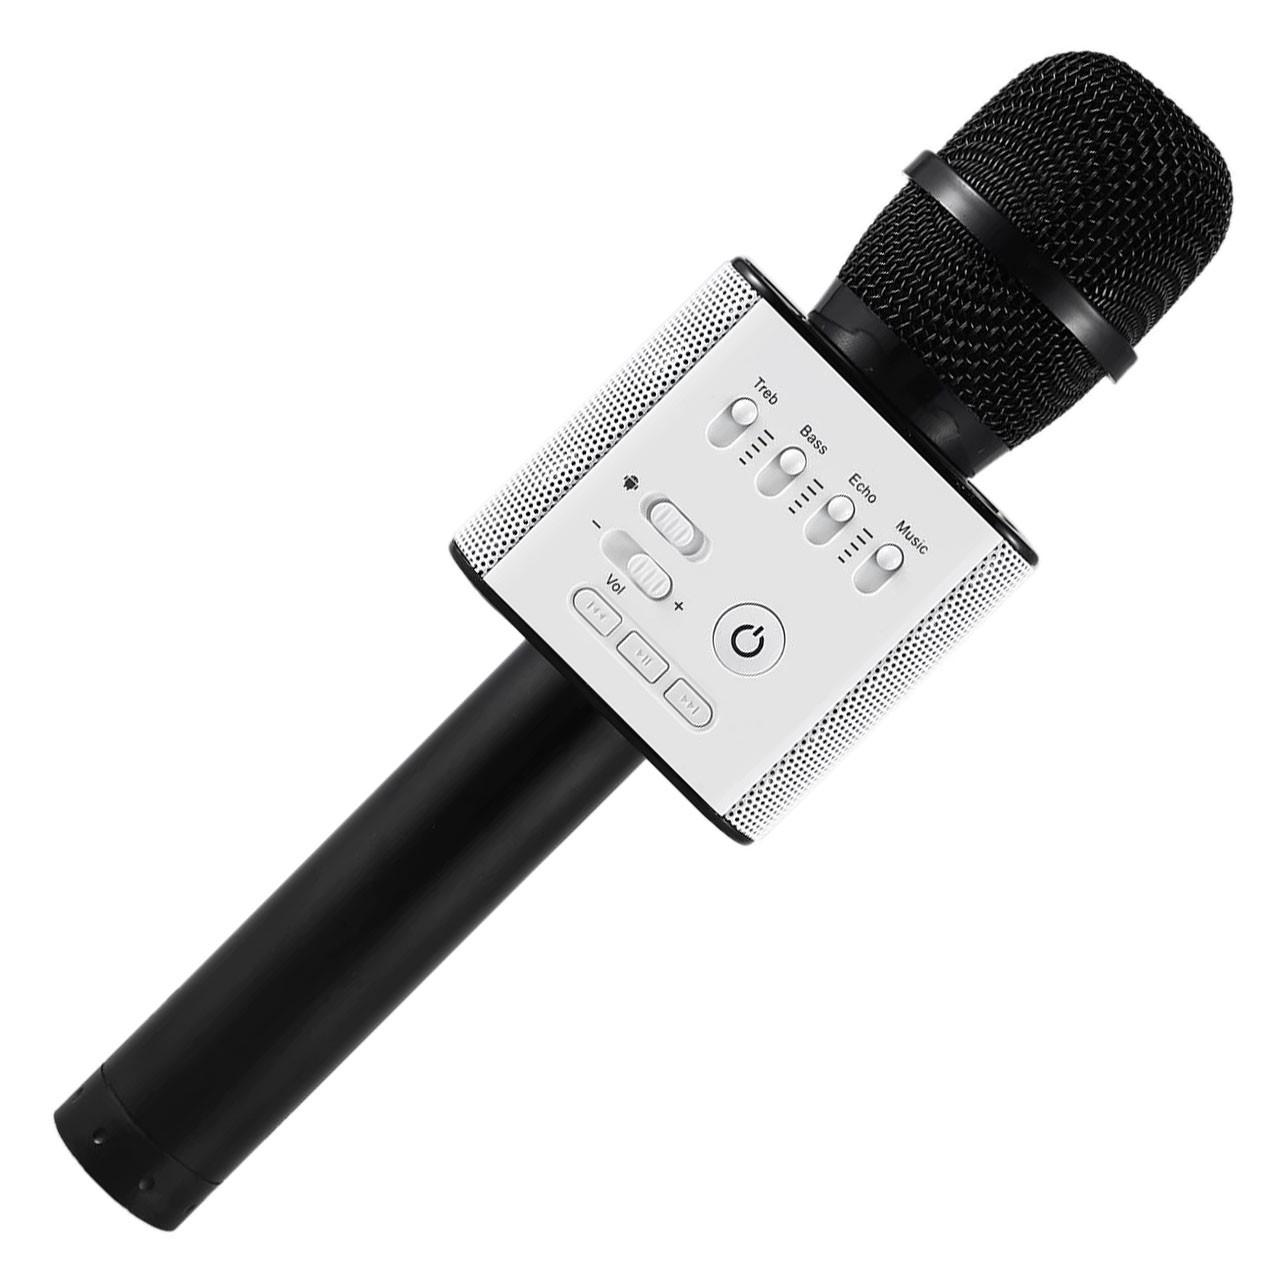 Беспроводной портативный микрофон Micgeek Q9 для караоке Bluetooth c чехлом Black (1354-9594а)